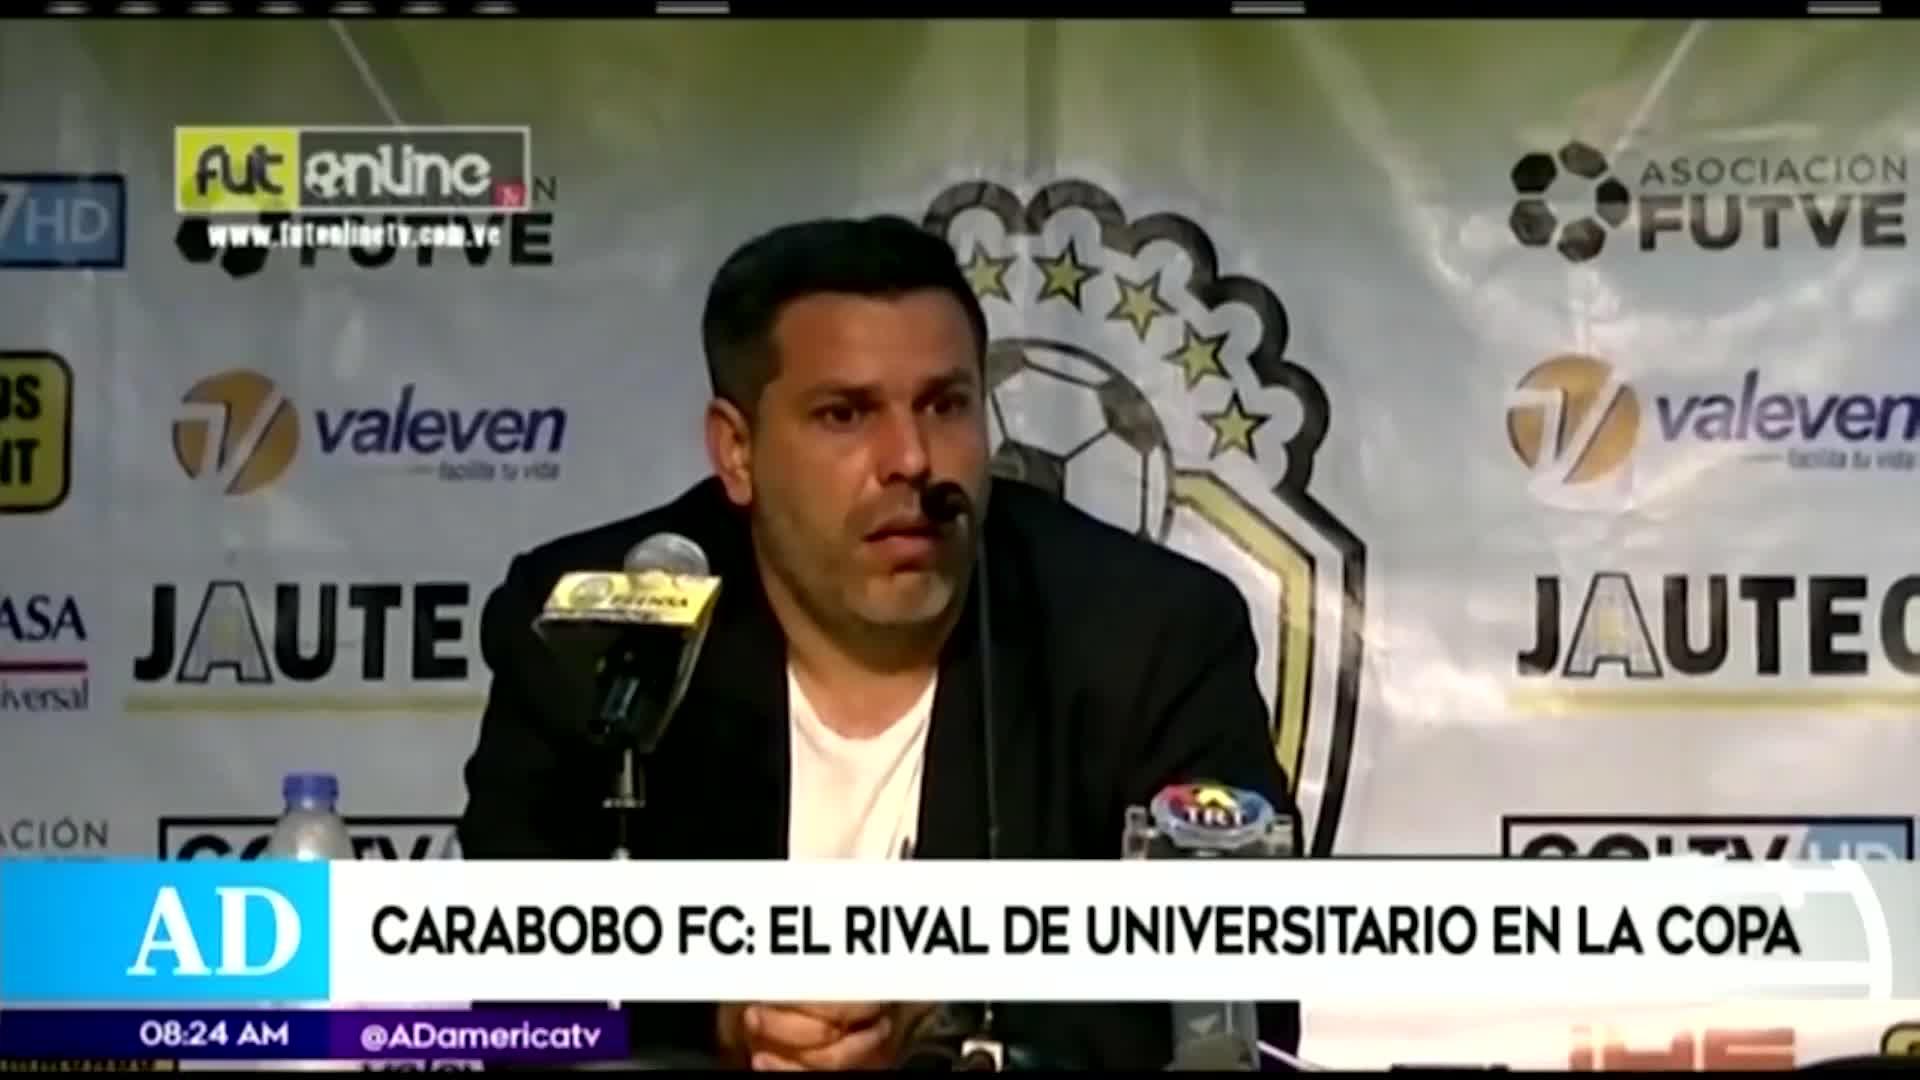 Carabobo FC: conoce al rival de Universitario en el debut de la Copa Libertadores 2020